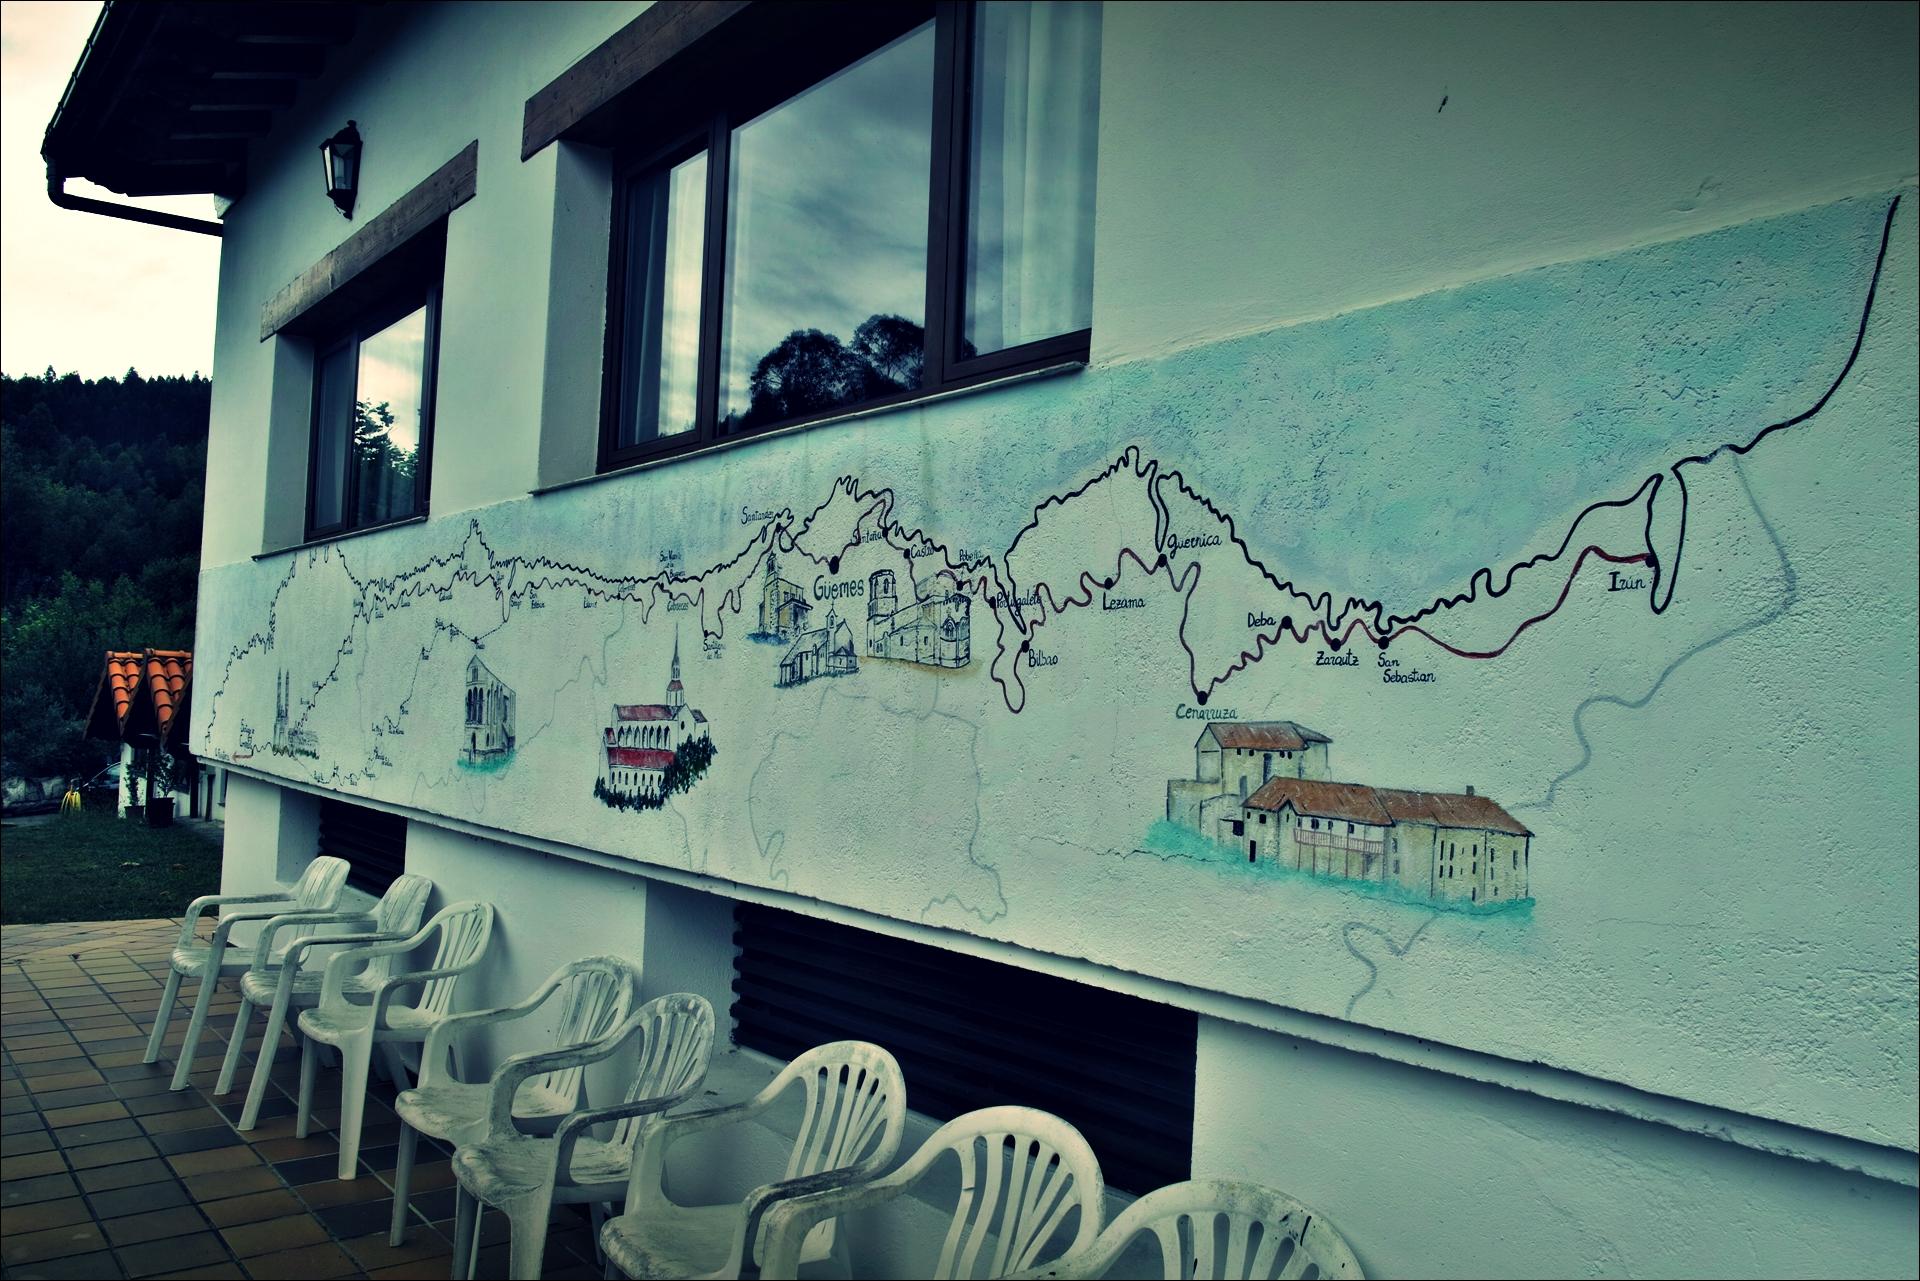 궤메스 알베르게 지도-'카미노 데 산티아고 북쪽길. 노하에서 궤메스. (Camino del Norte - Noja to Güemes)'